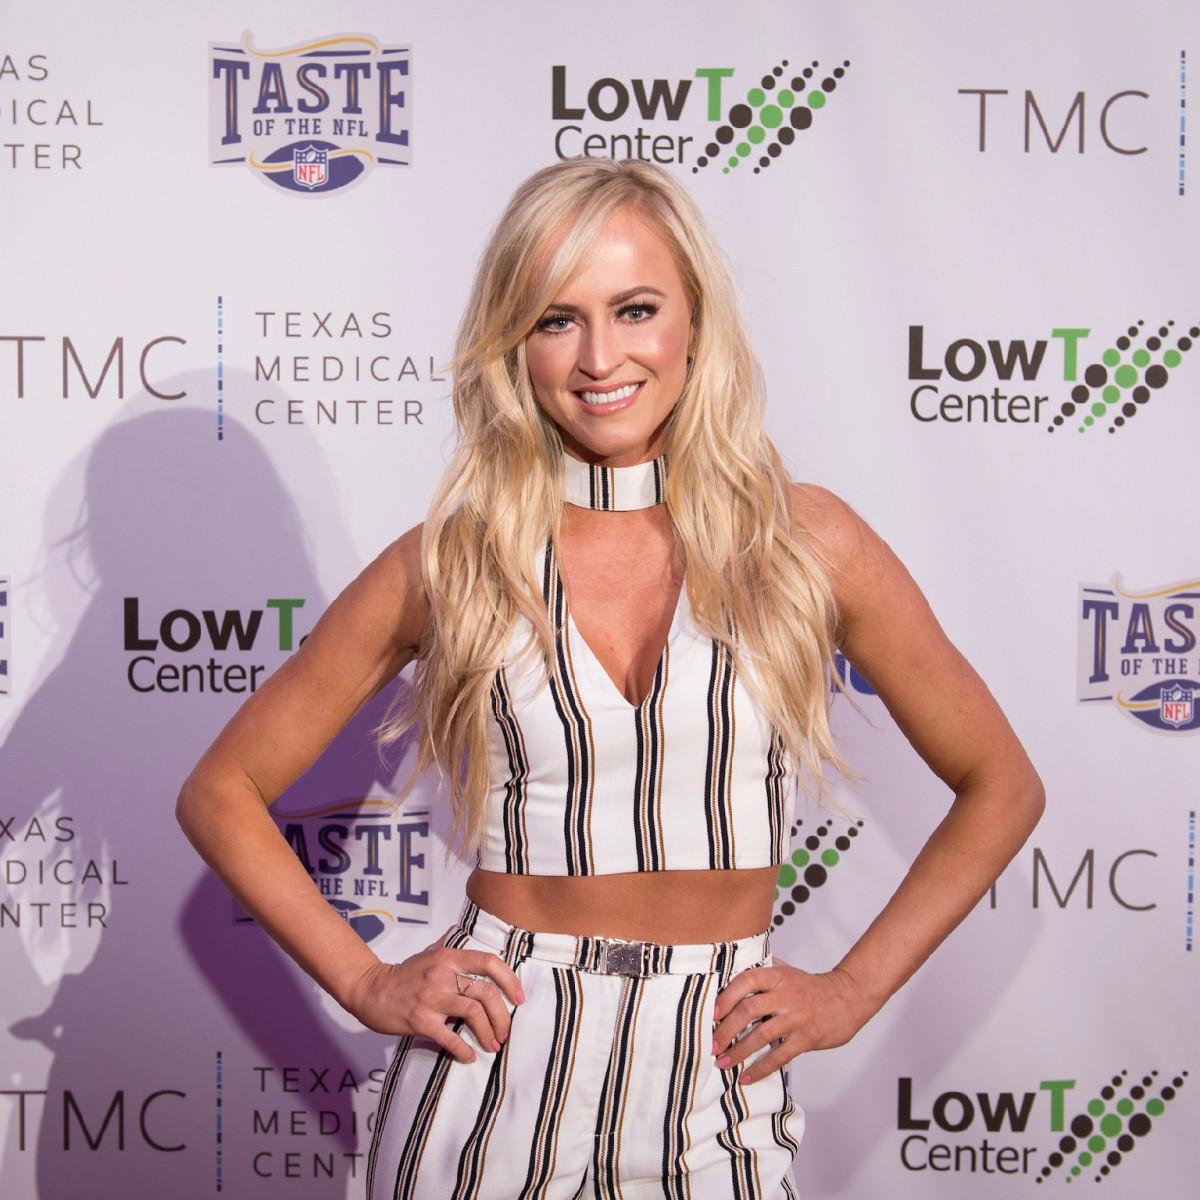 Taste of the NFL WWE Summer Rae Danielle Moinet